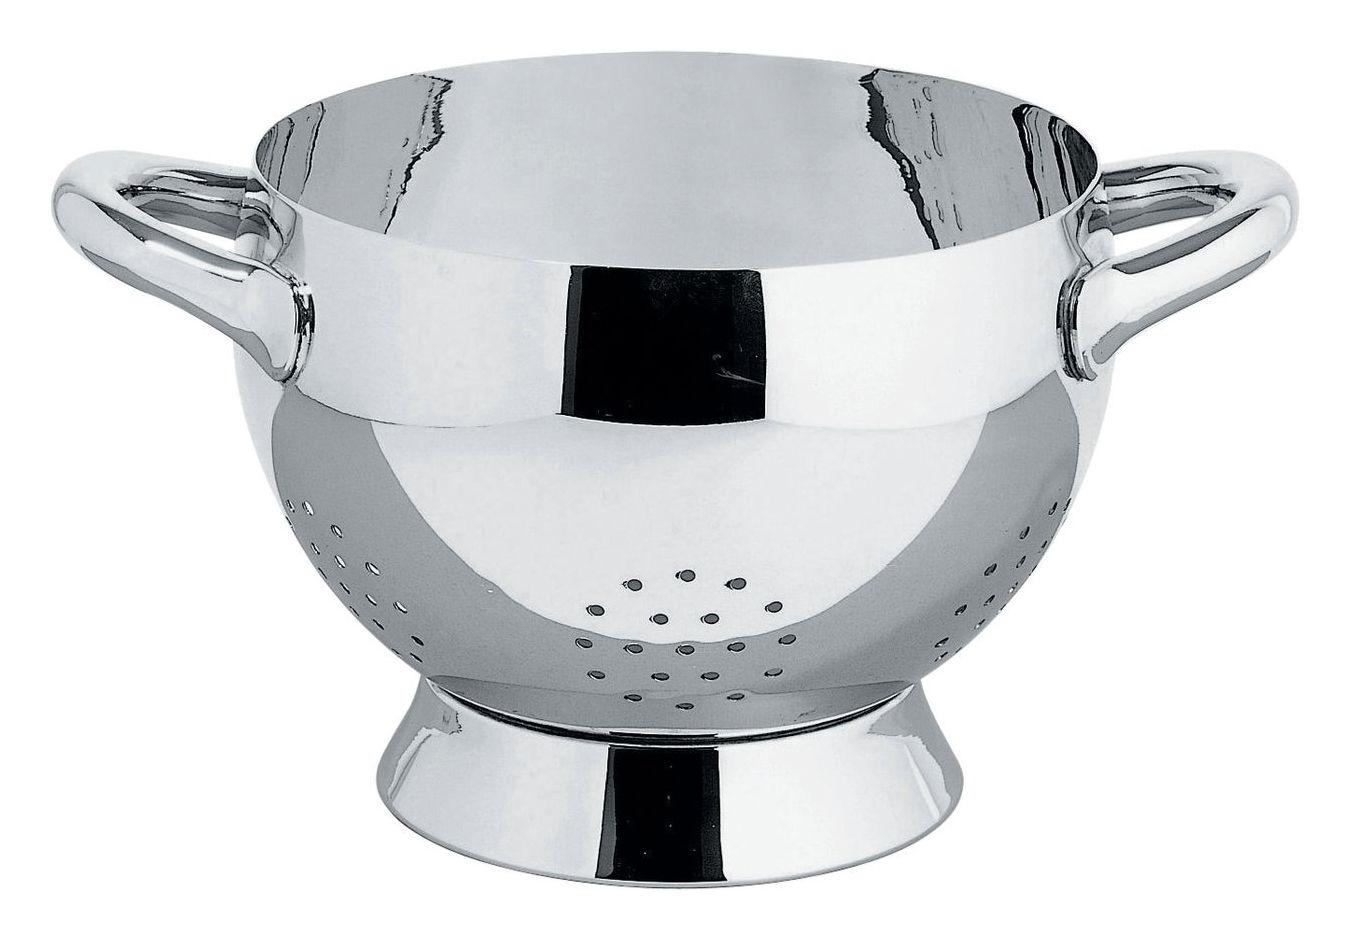 Küche - Küchenutensilien - Mami Sieb - Alessi - Stahl poliert - rostfreier Stahl